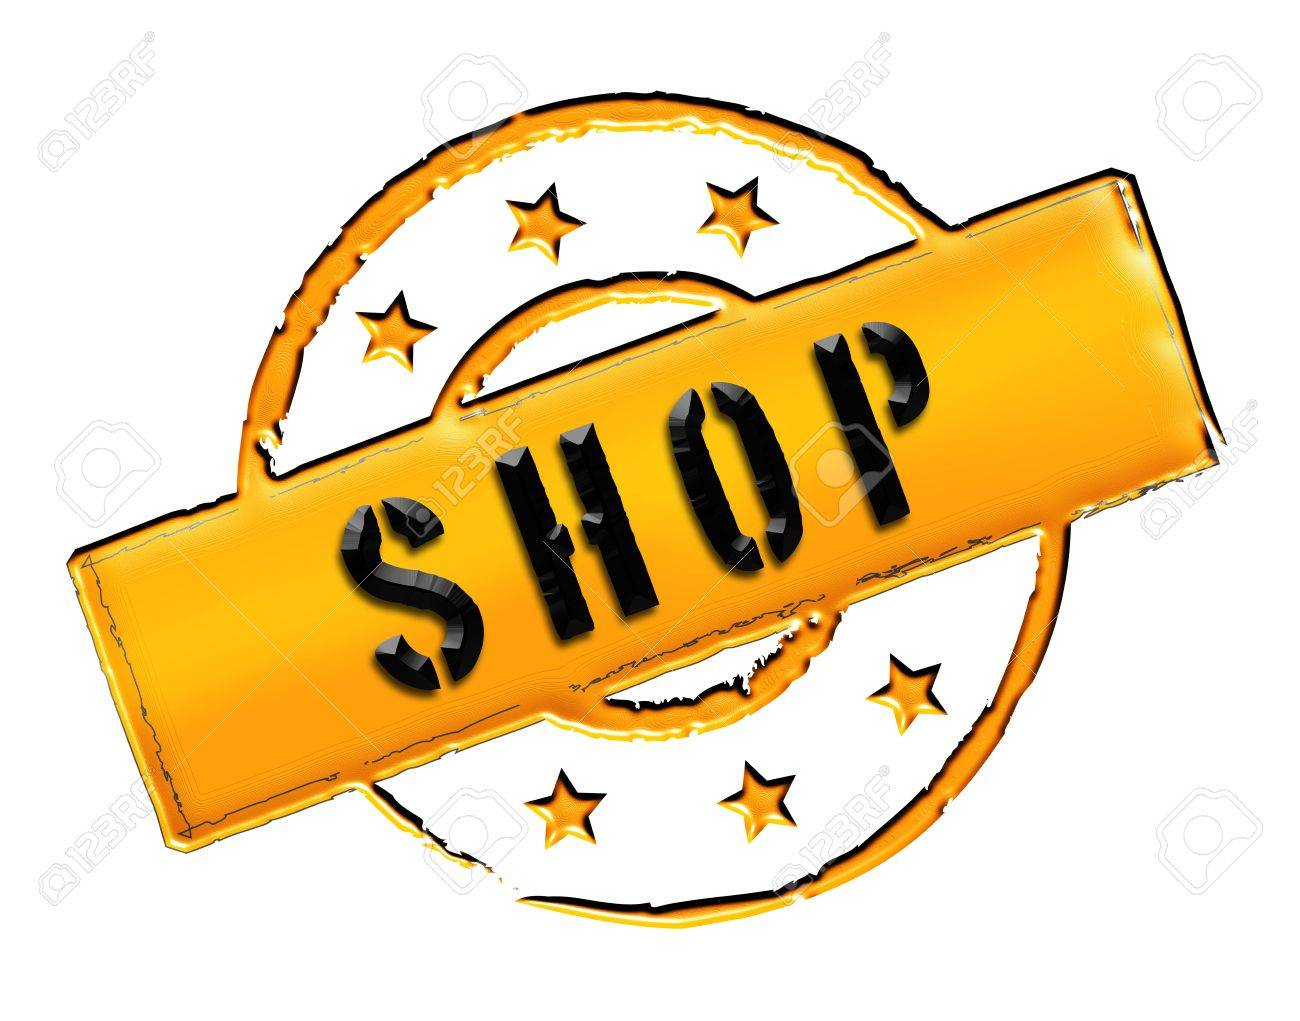 SHOP - Zeichen, Symbol im Retro Stil fuer Praesentationen, Prospekte, Internet, Stock Photo - 14614891